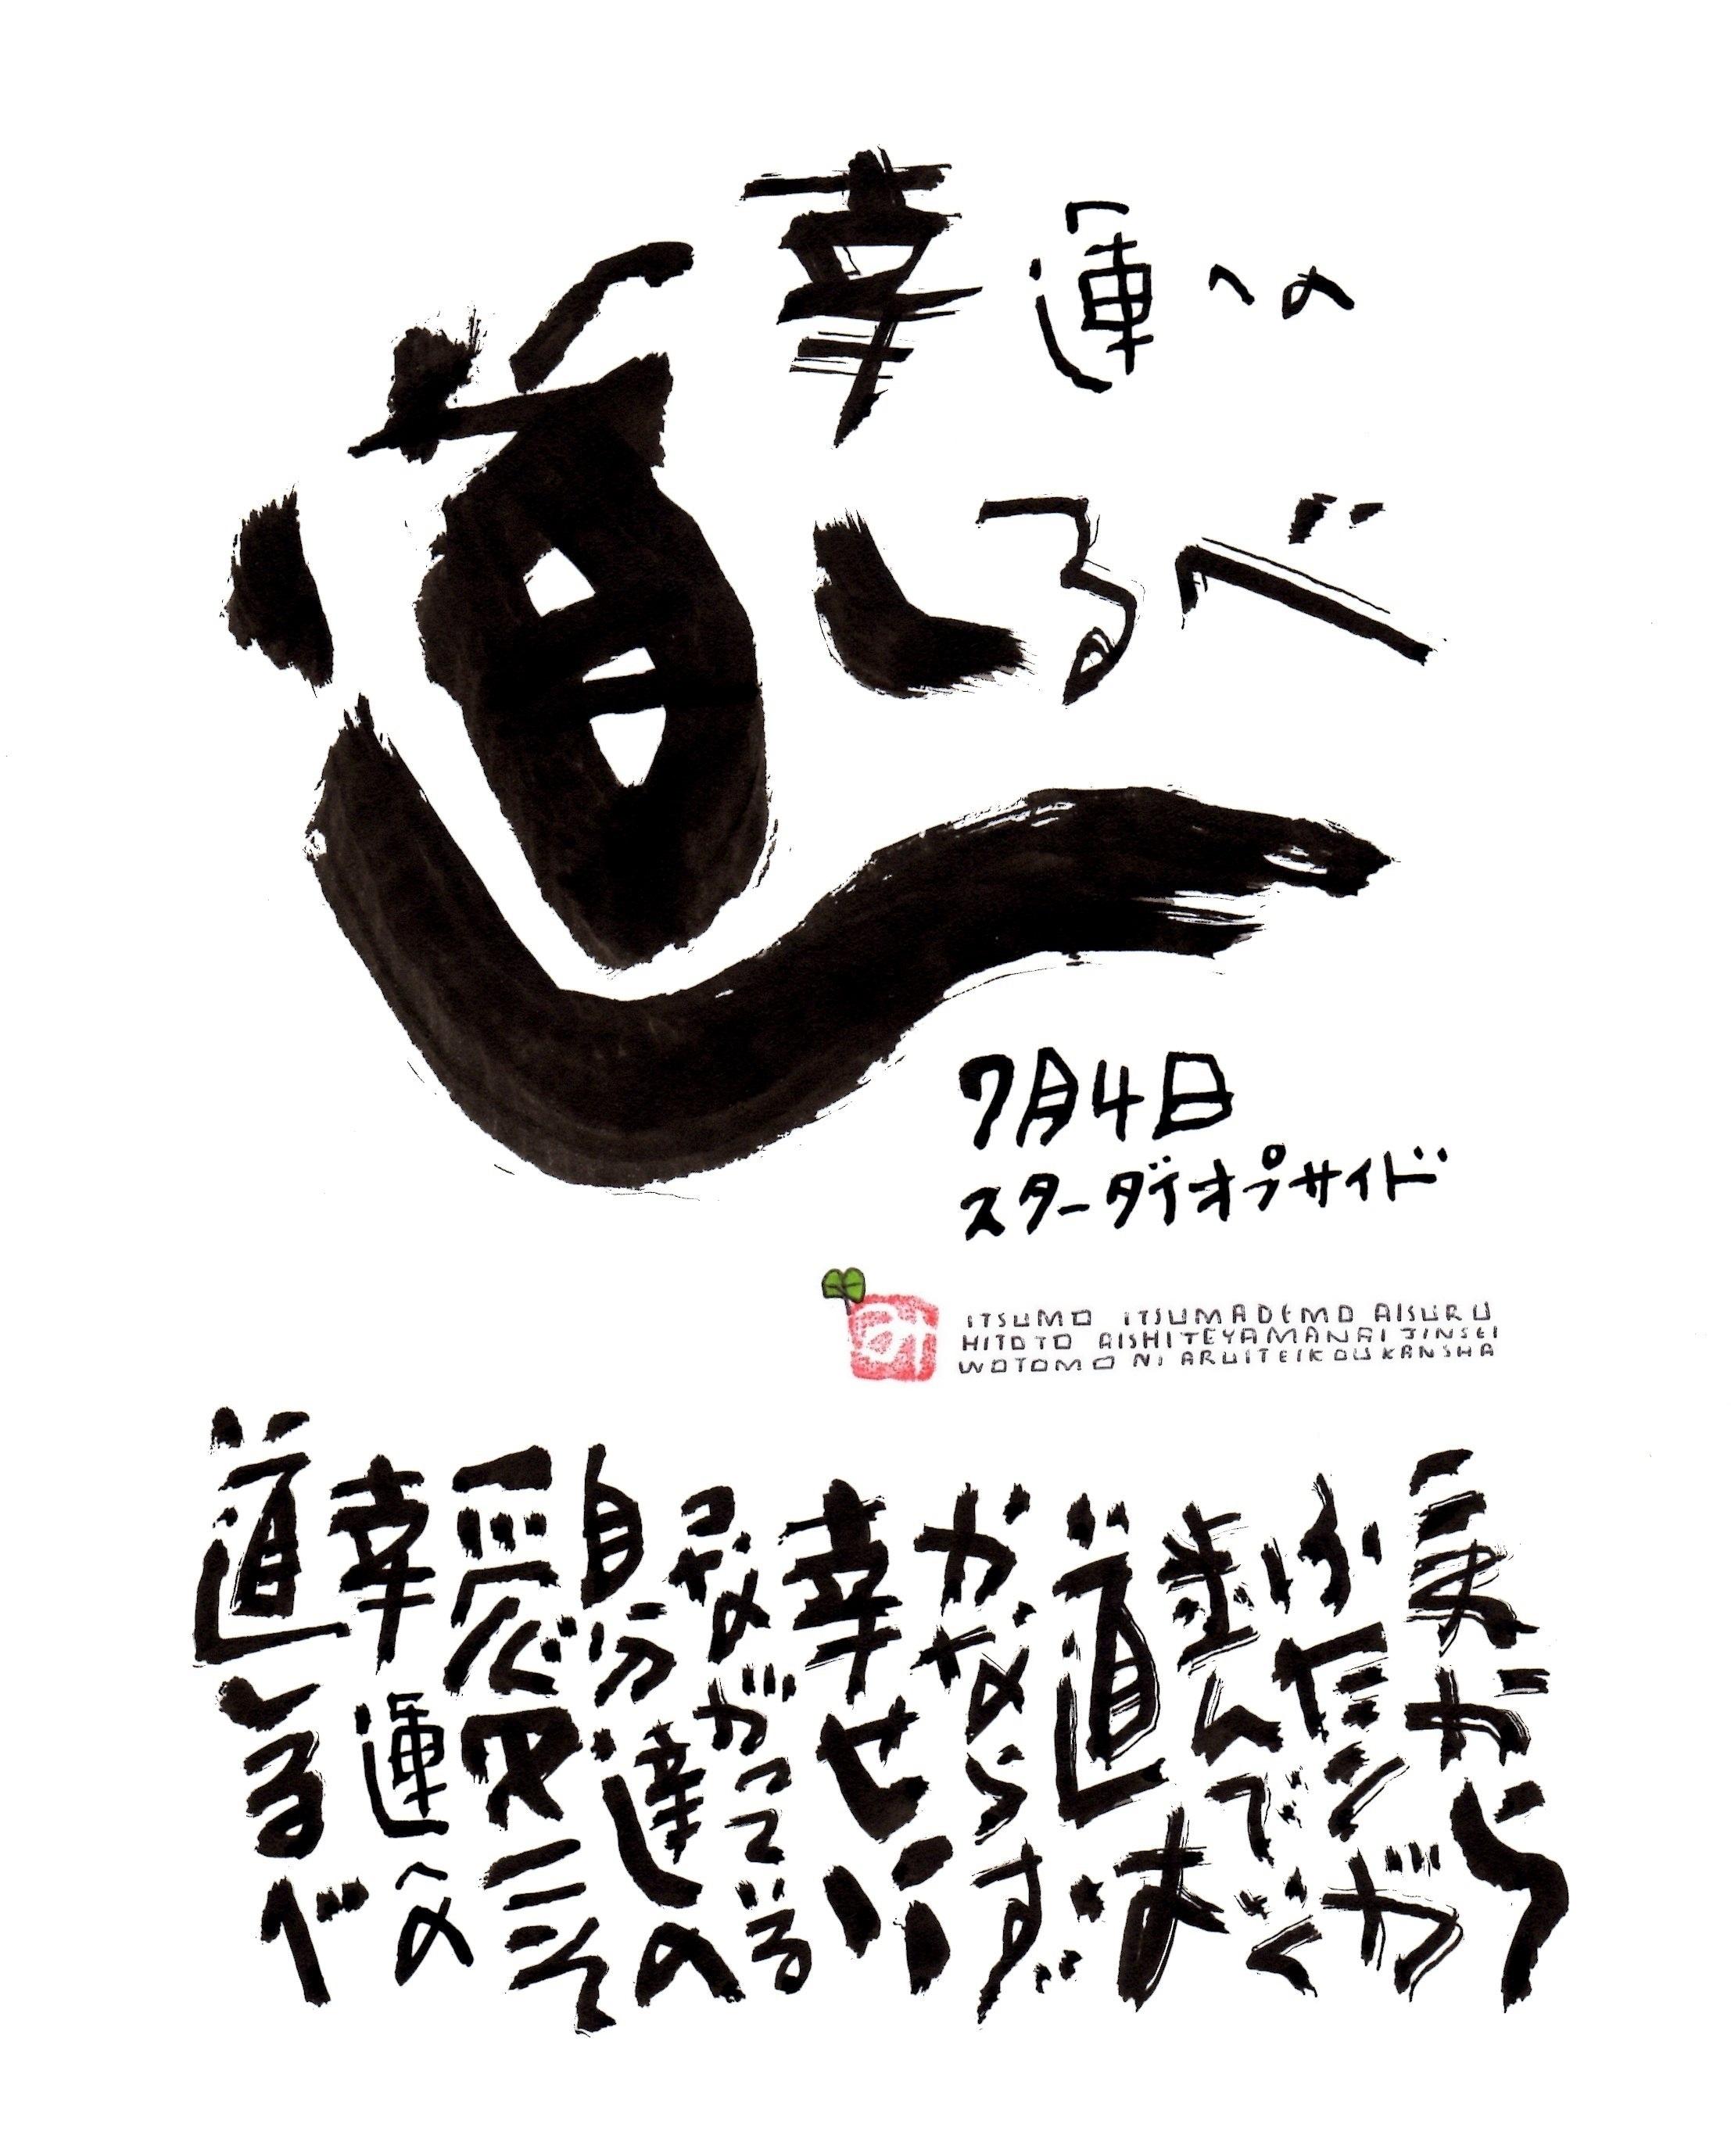 7月4日 結婚記念日ポストカード【幸運への道しるべ】